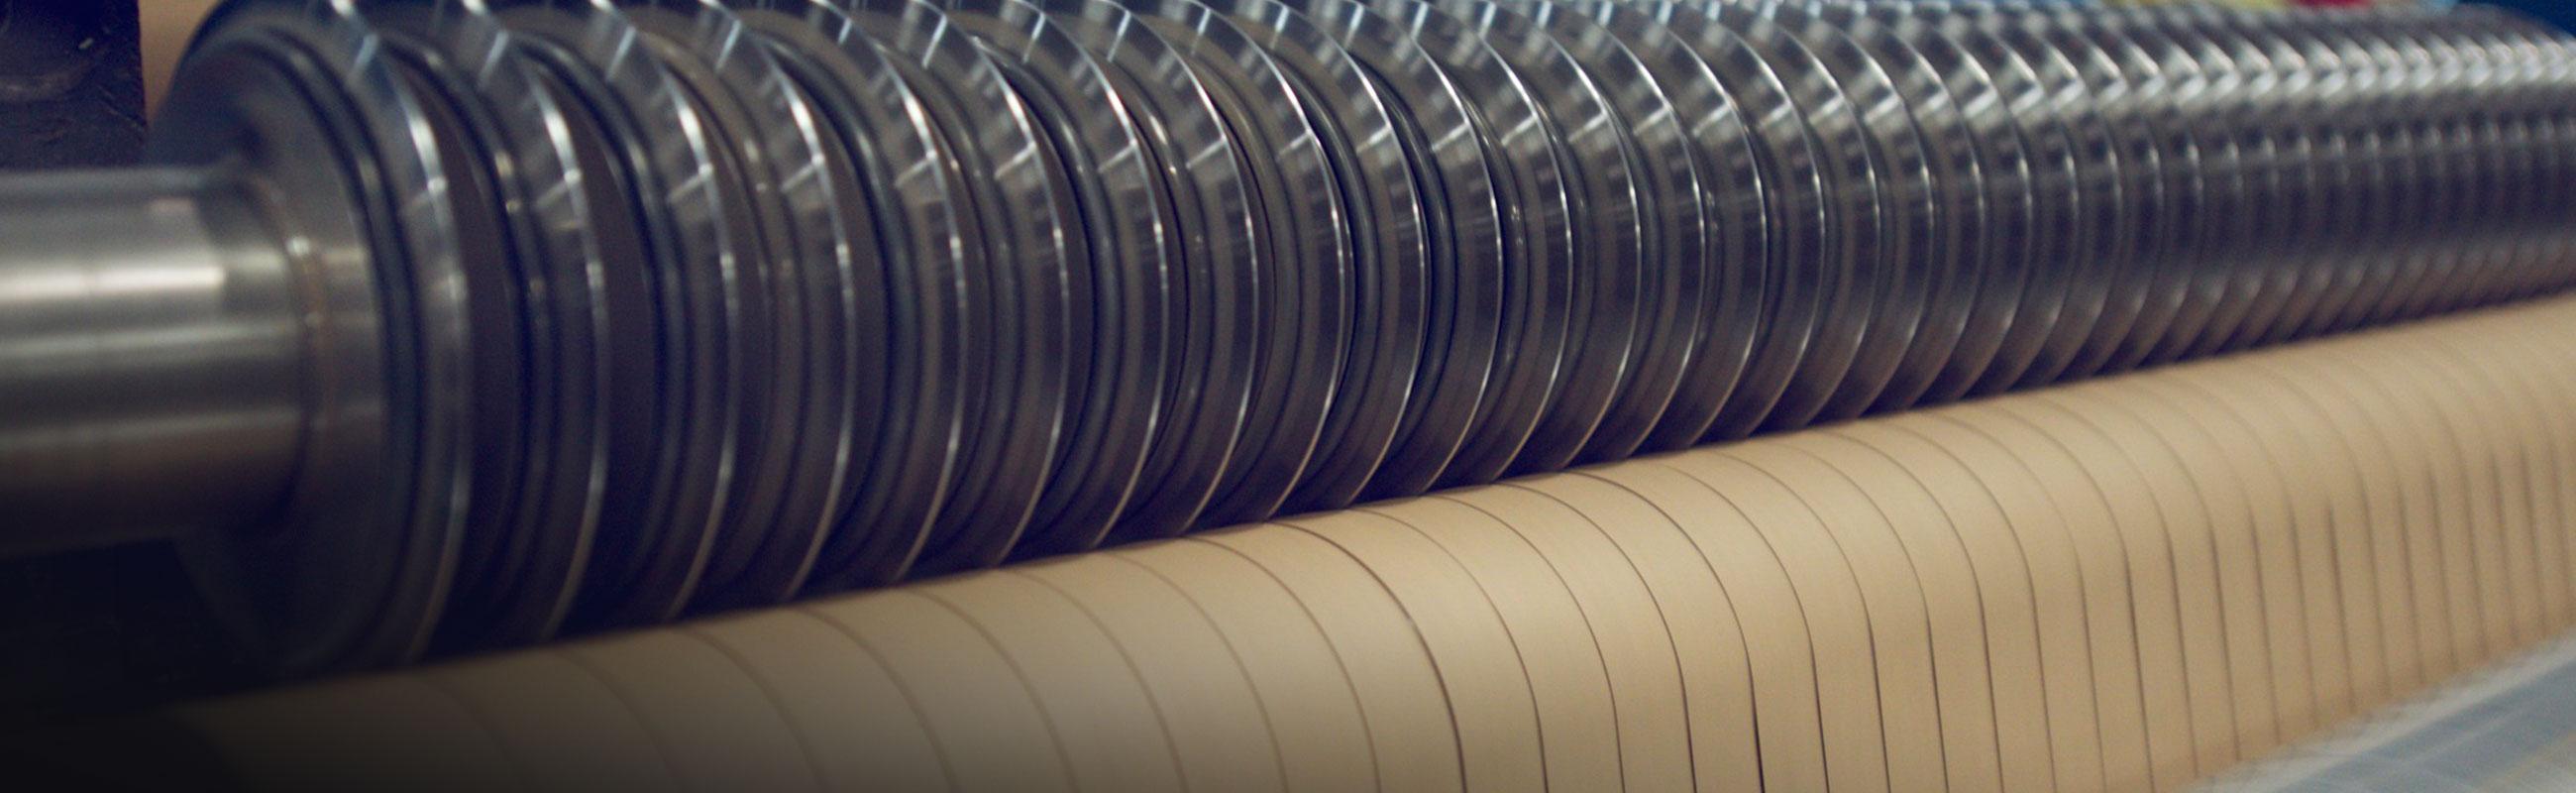 Industrial Paperboard Converting Atlantic Packaging